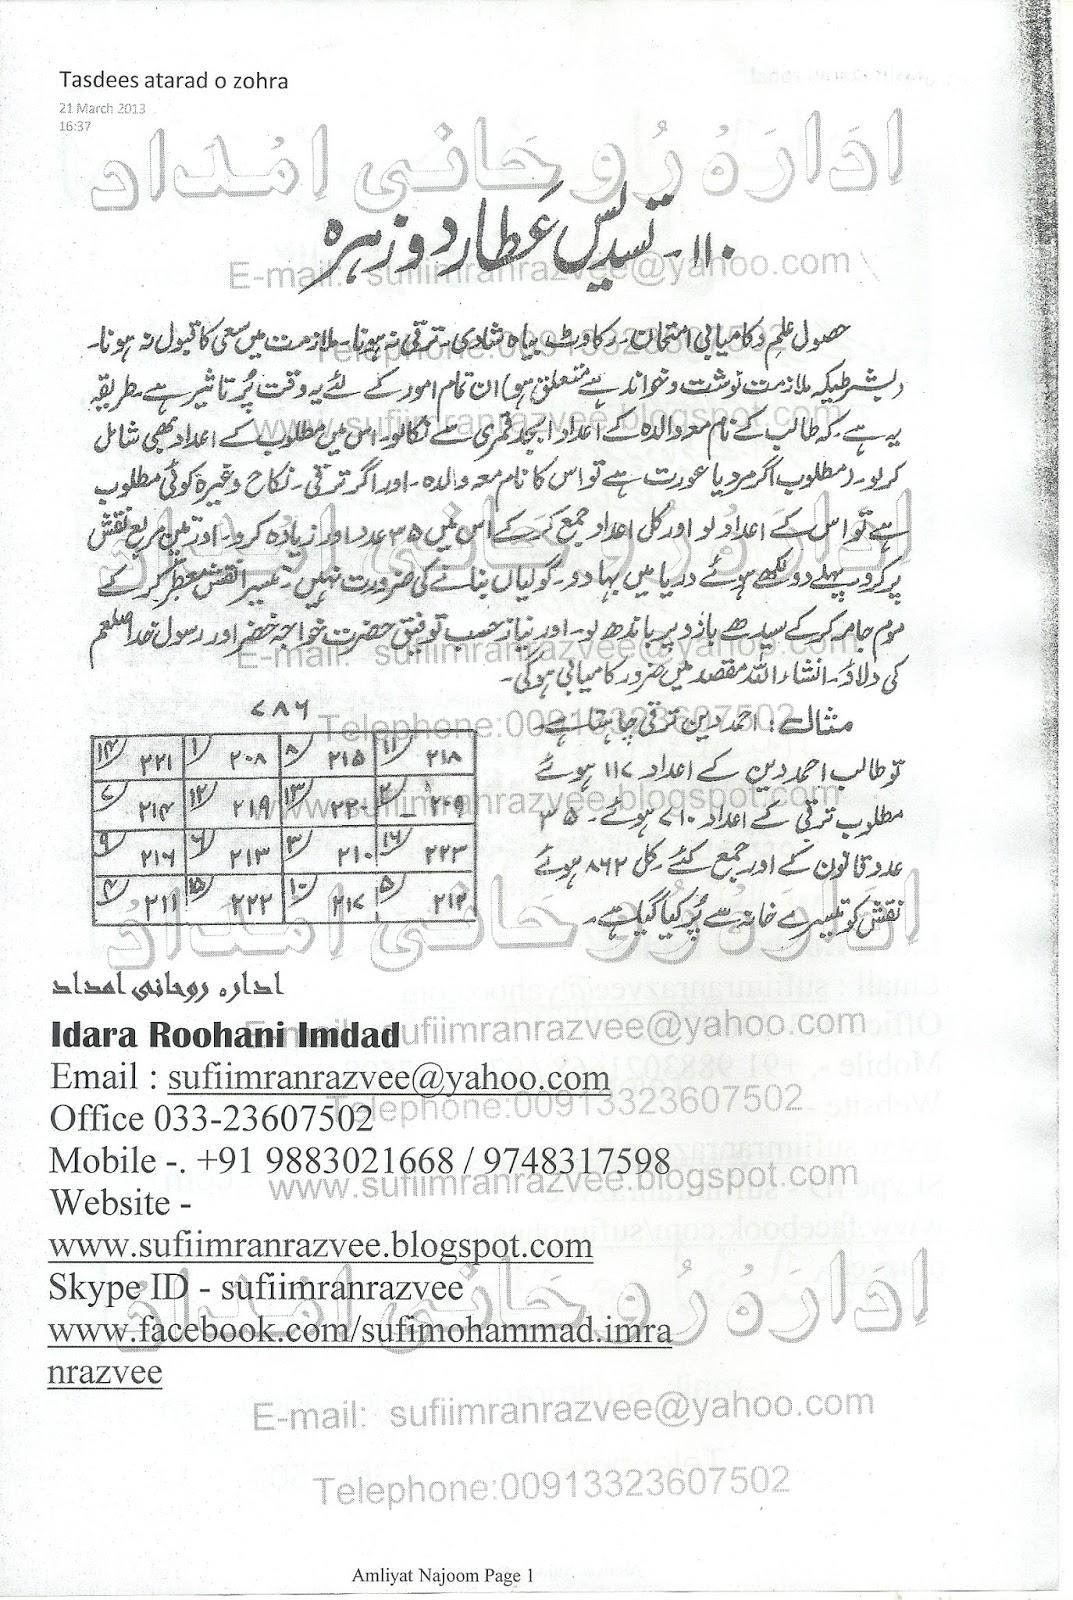 حصولِ علم اورکامیابی امتحان کے لئے تسدیس عطارد و زہرہ کا